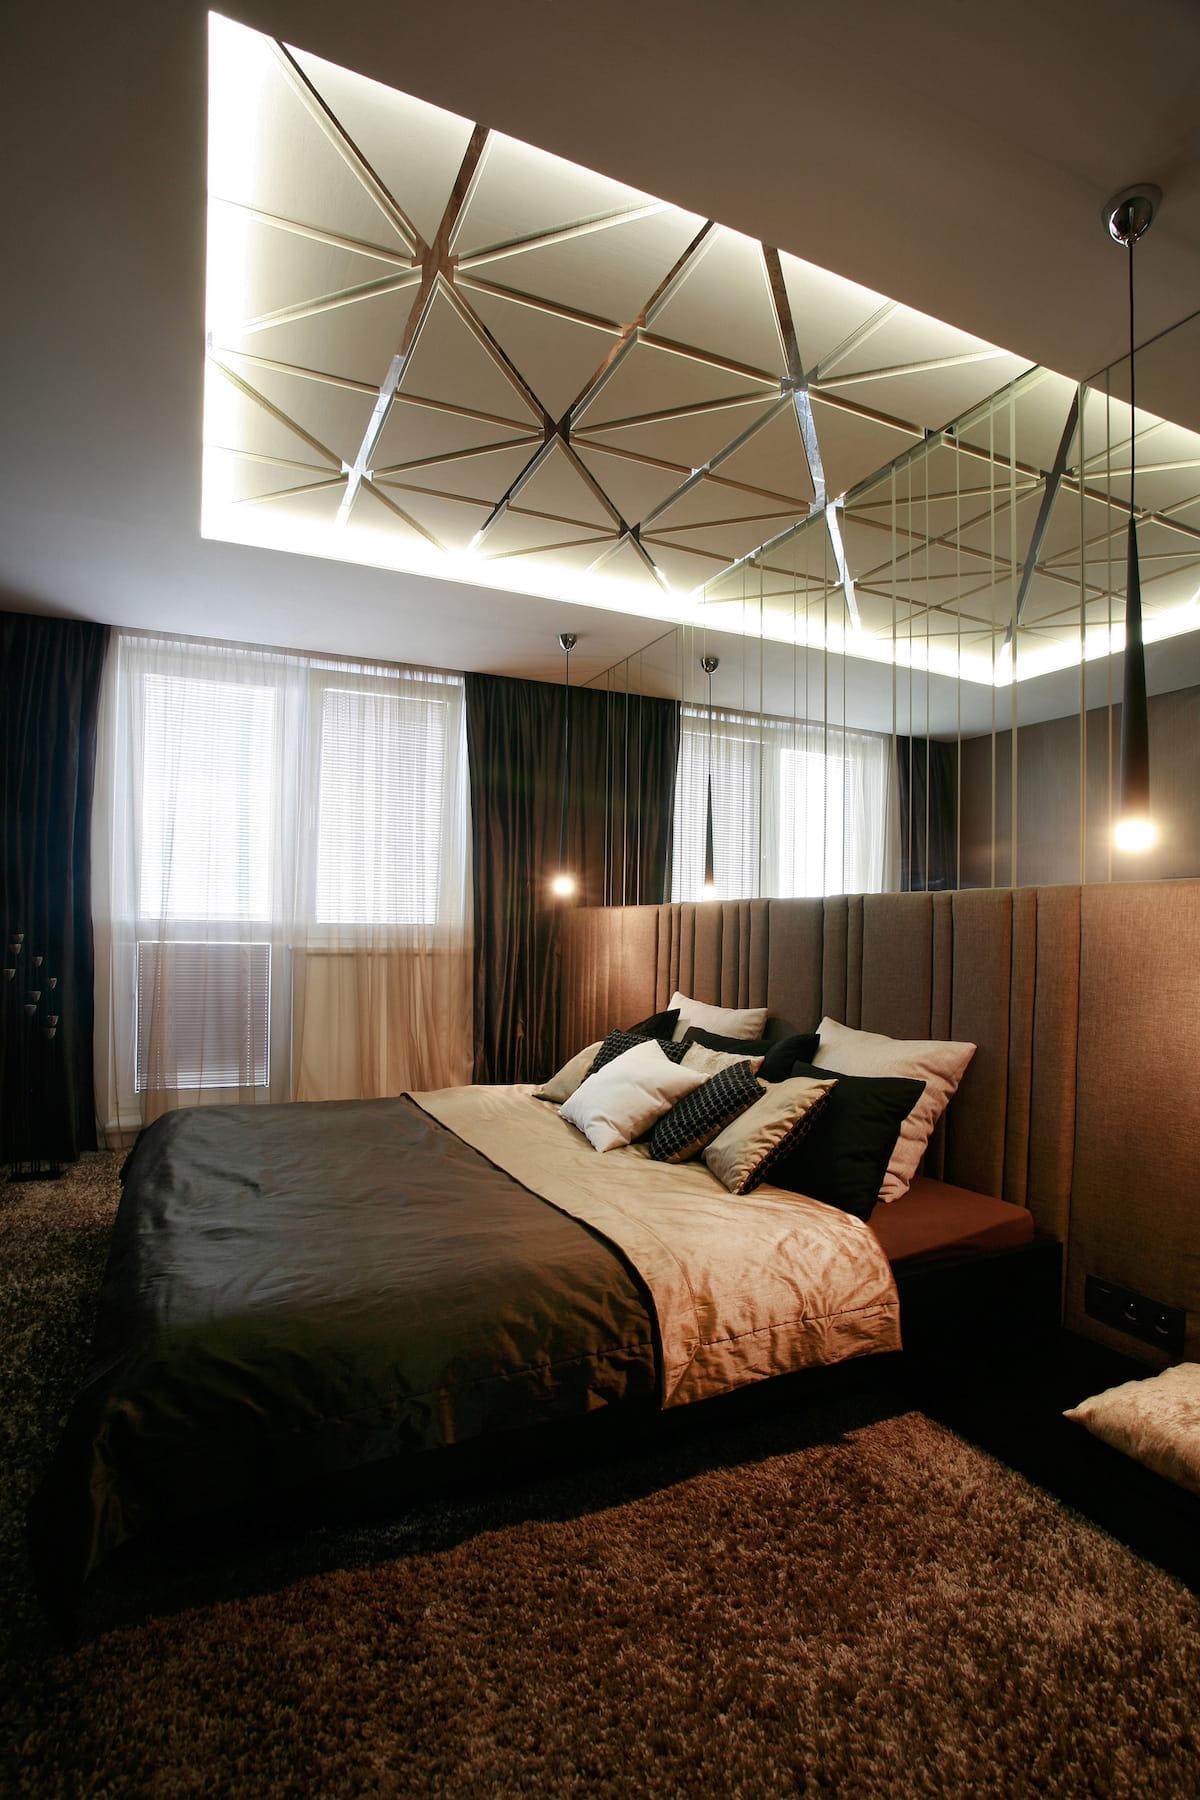 красивый дизайн потолка фото 11